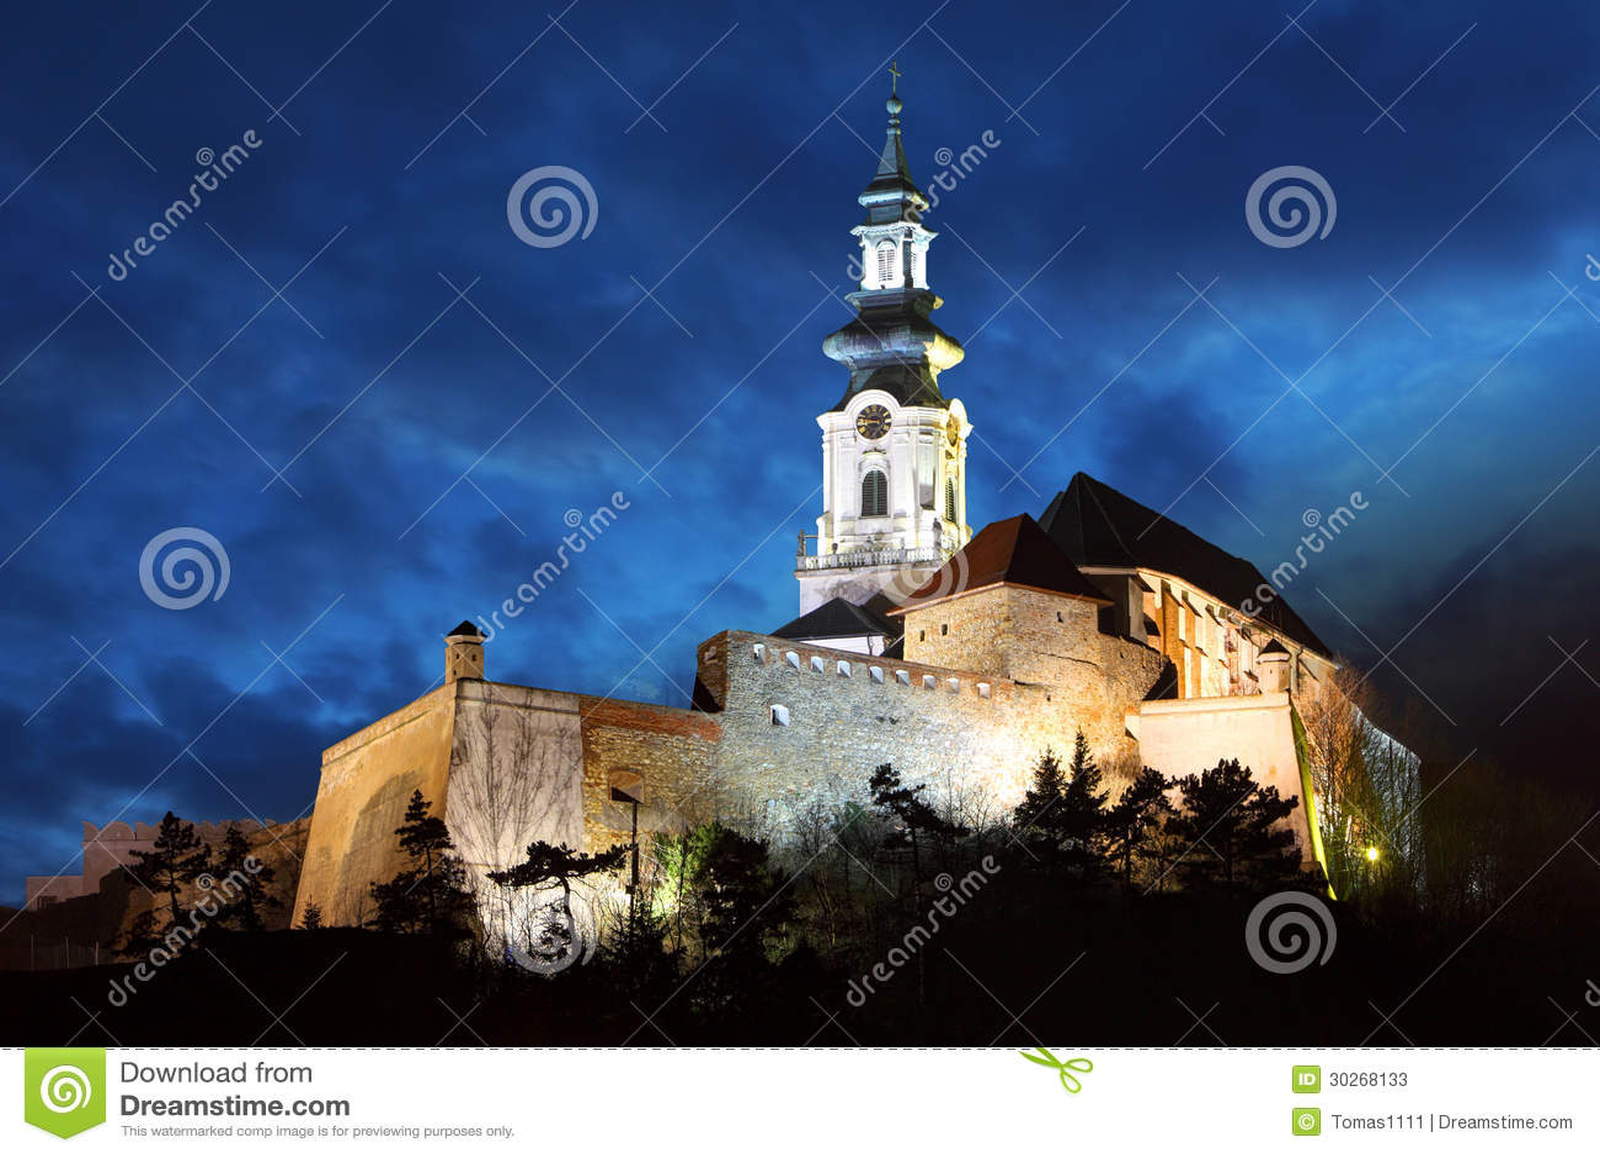 Slovakia - Nitra Castle at night